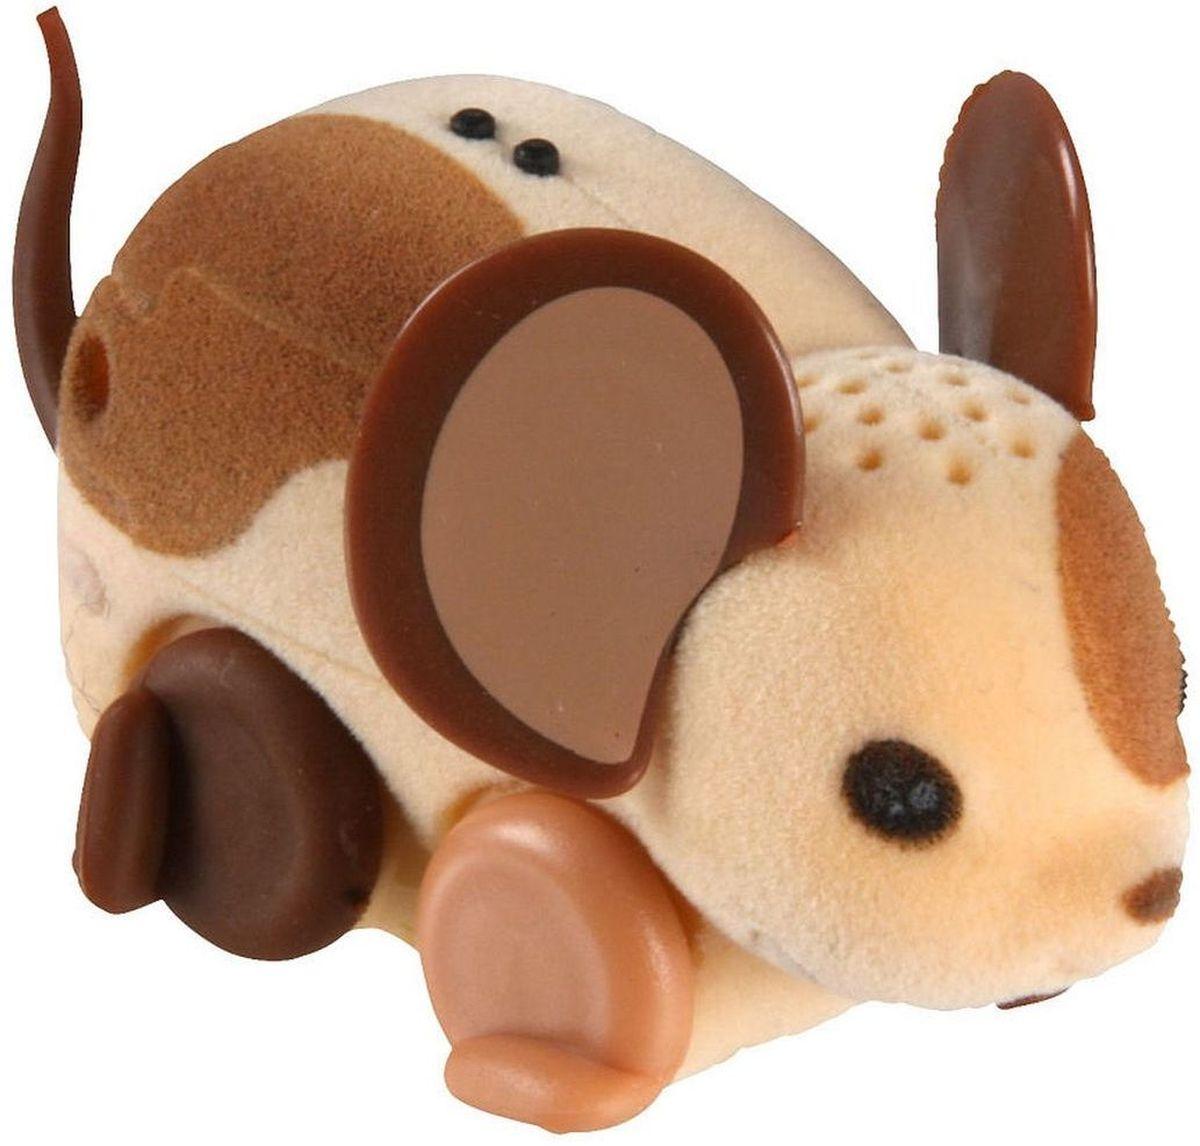 Little Live Pets Интерактивная игрушка Мышка цвет бежевый коричневый28188/ast28135(28187,28188,28189,28190,28191,28192)Интерактивная игрушка Little Live Pet Мышка изготовлена из высокопрочного пластика, обтянутого флоком. Тело игрушки на ощупь напоминает настоящую шерстку мышонка. Вместо лапок у мышки - колесики. Благодаря колесам мышка легко и быстро передвигается, разворачивается по кругу. Если мышка засыпает, ее нужно погладить по спинке. Там у нее расположен сенсор. Кнопка включения расположена на месте рта. Мышка умеет издавать звуки, похожие на настоящий писк и фырканье. Игрушка развивает внимательность, фантазию и мелкую моторику. Рекомендовано для детей от 5 лет. Для работы требуются 3 батарейки типа AG13 (LR44) (комплектуется демонстрационными).